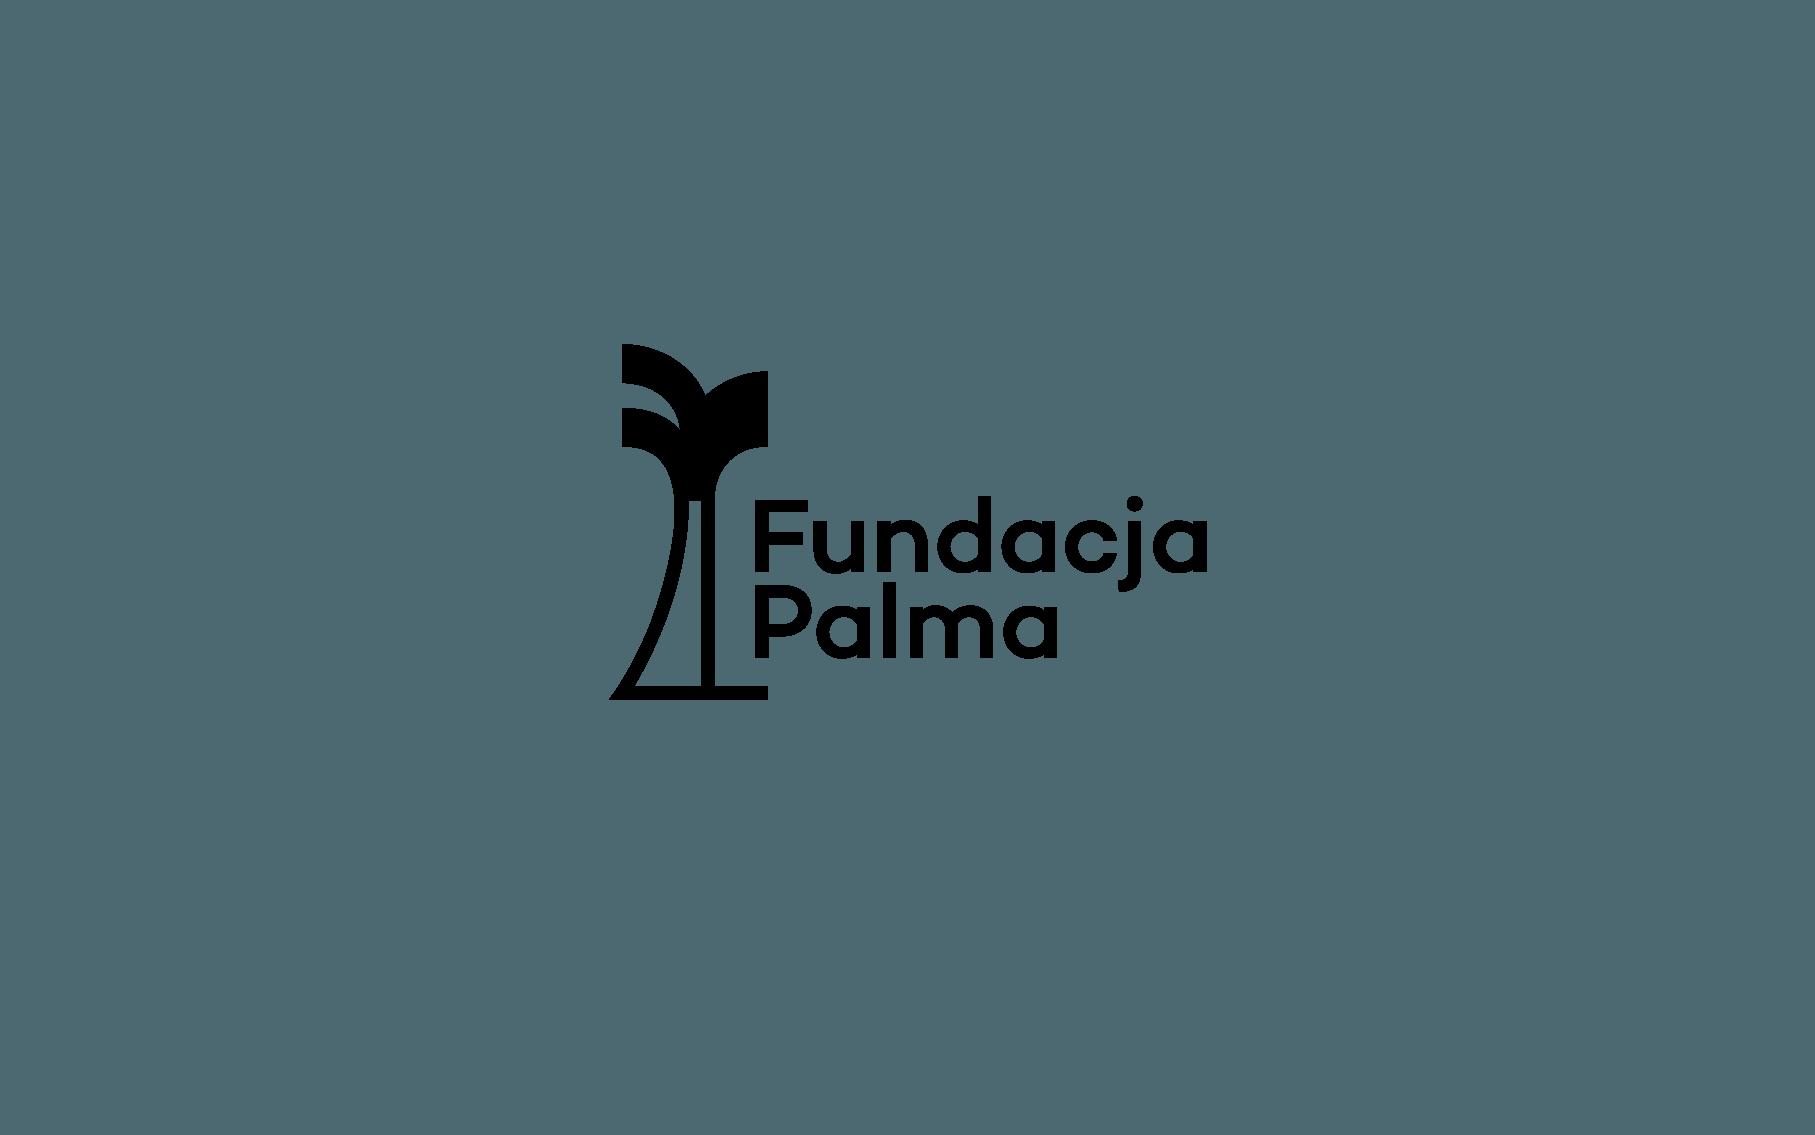 Fundacja Palma